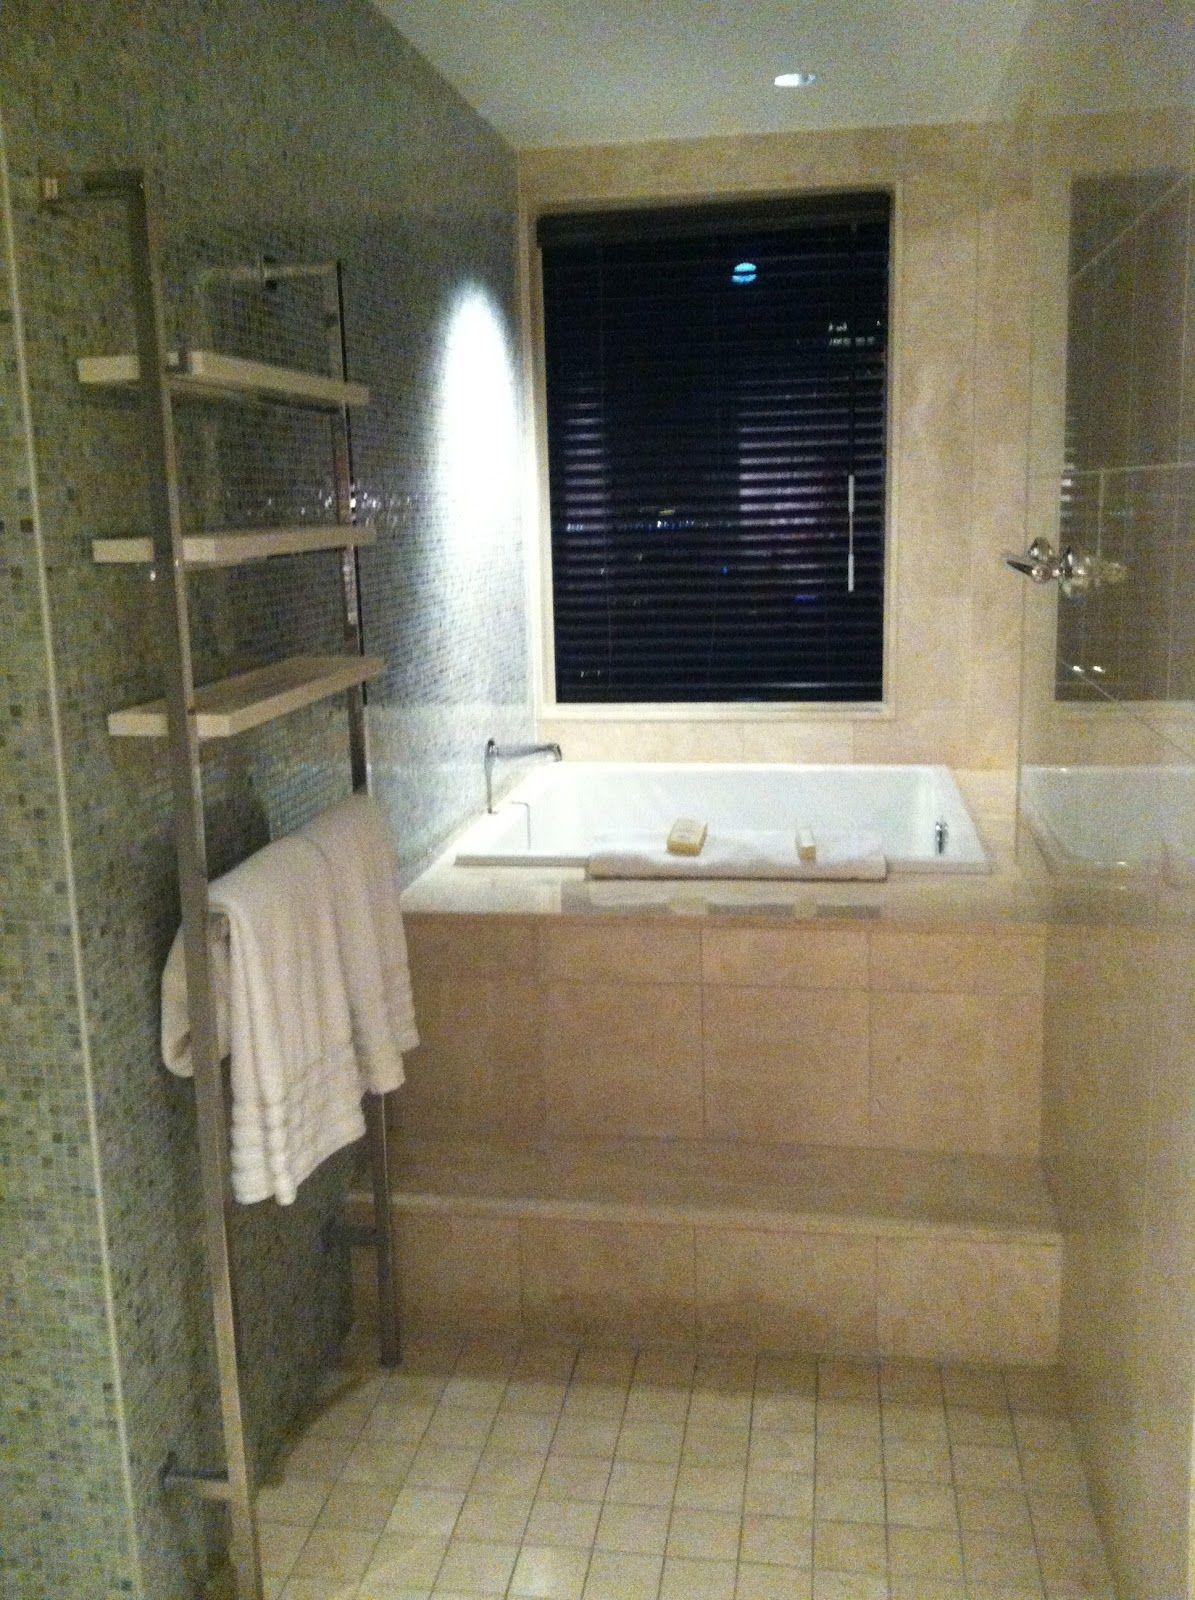 Alcove square soaking tub layout idea. Instead of towel racks, make ...